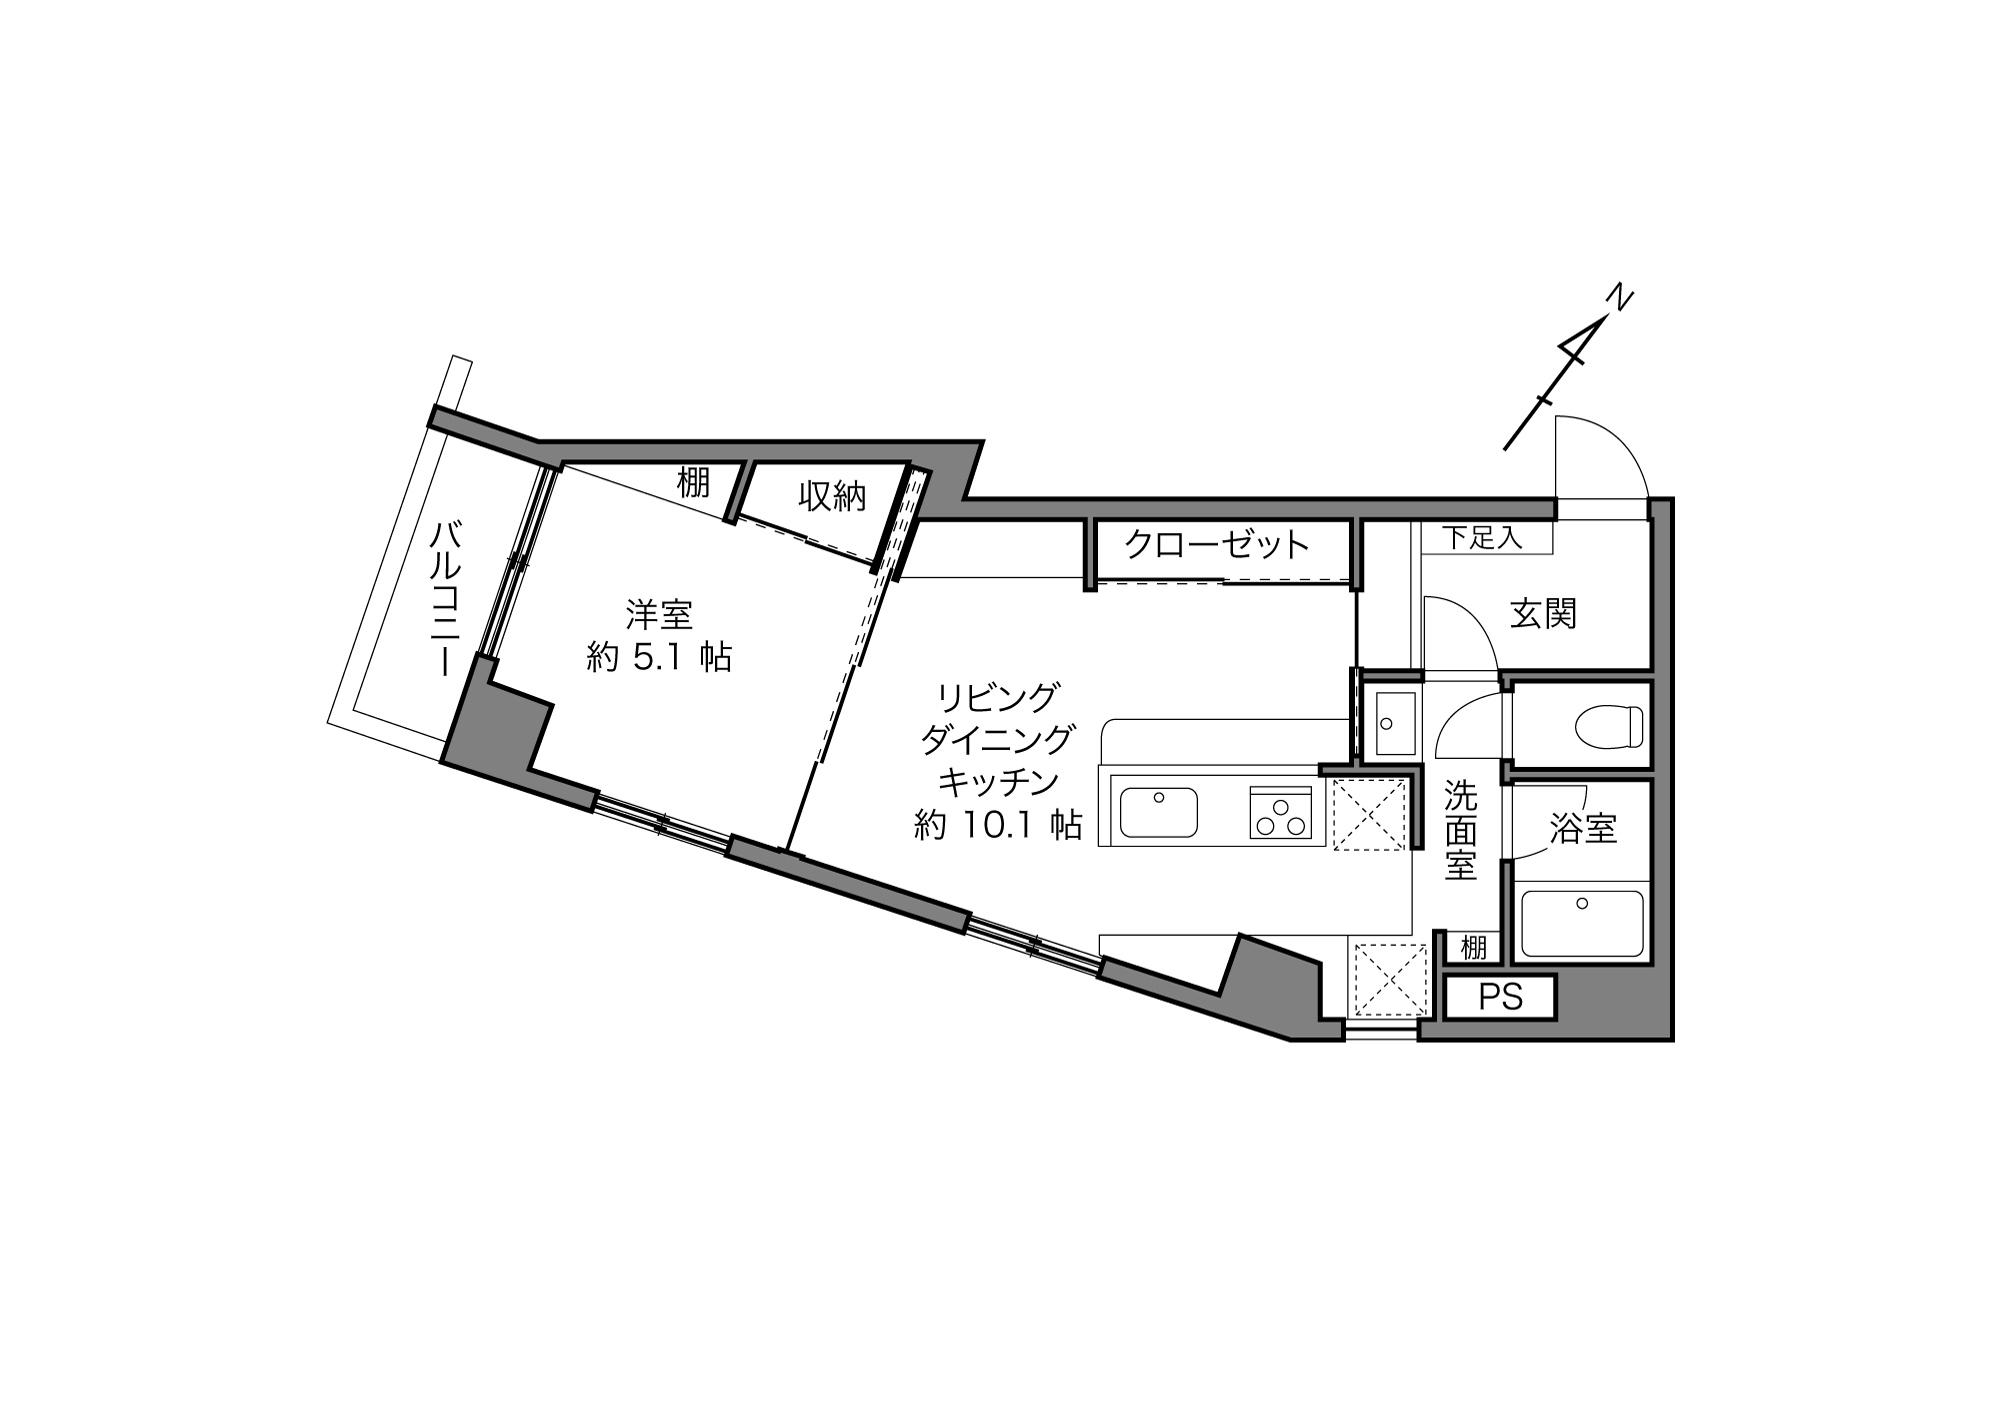 麻布十番駅 / 1LDK / 41.67㎡